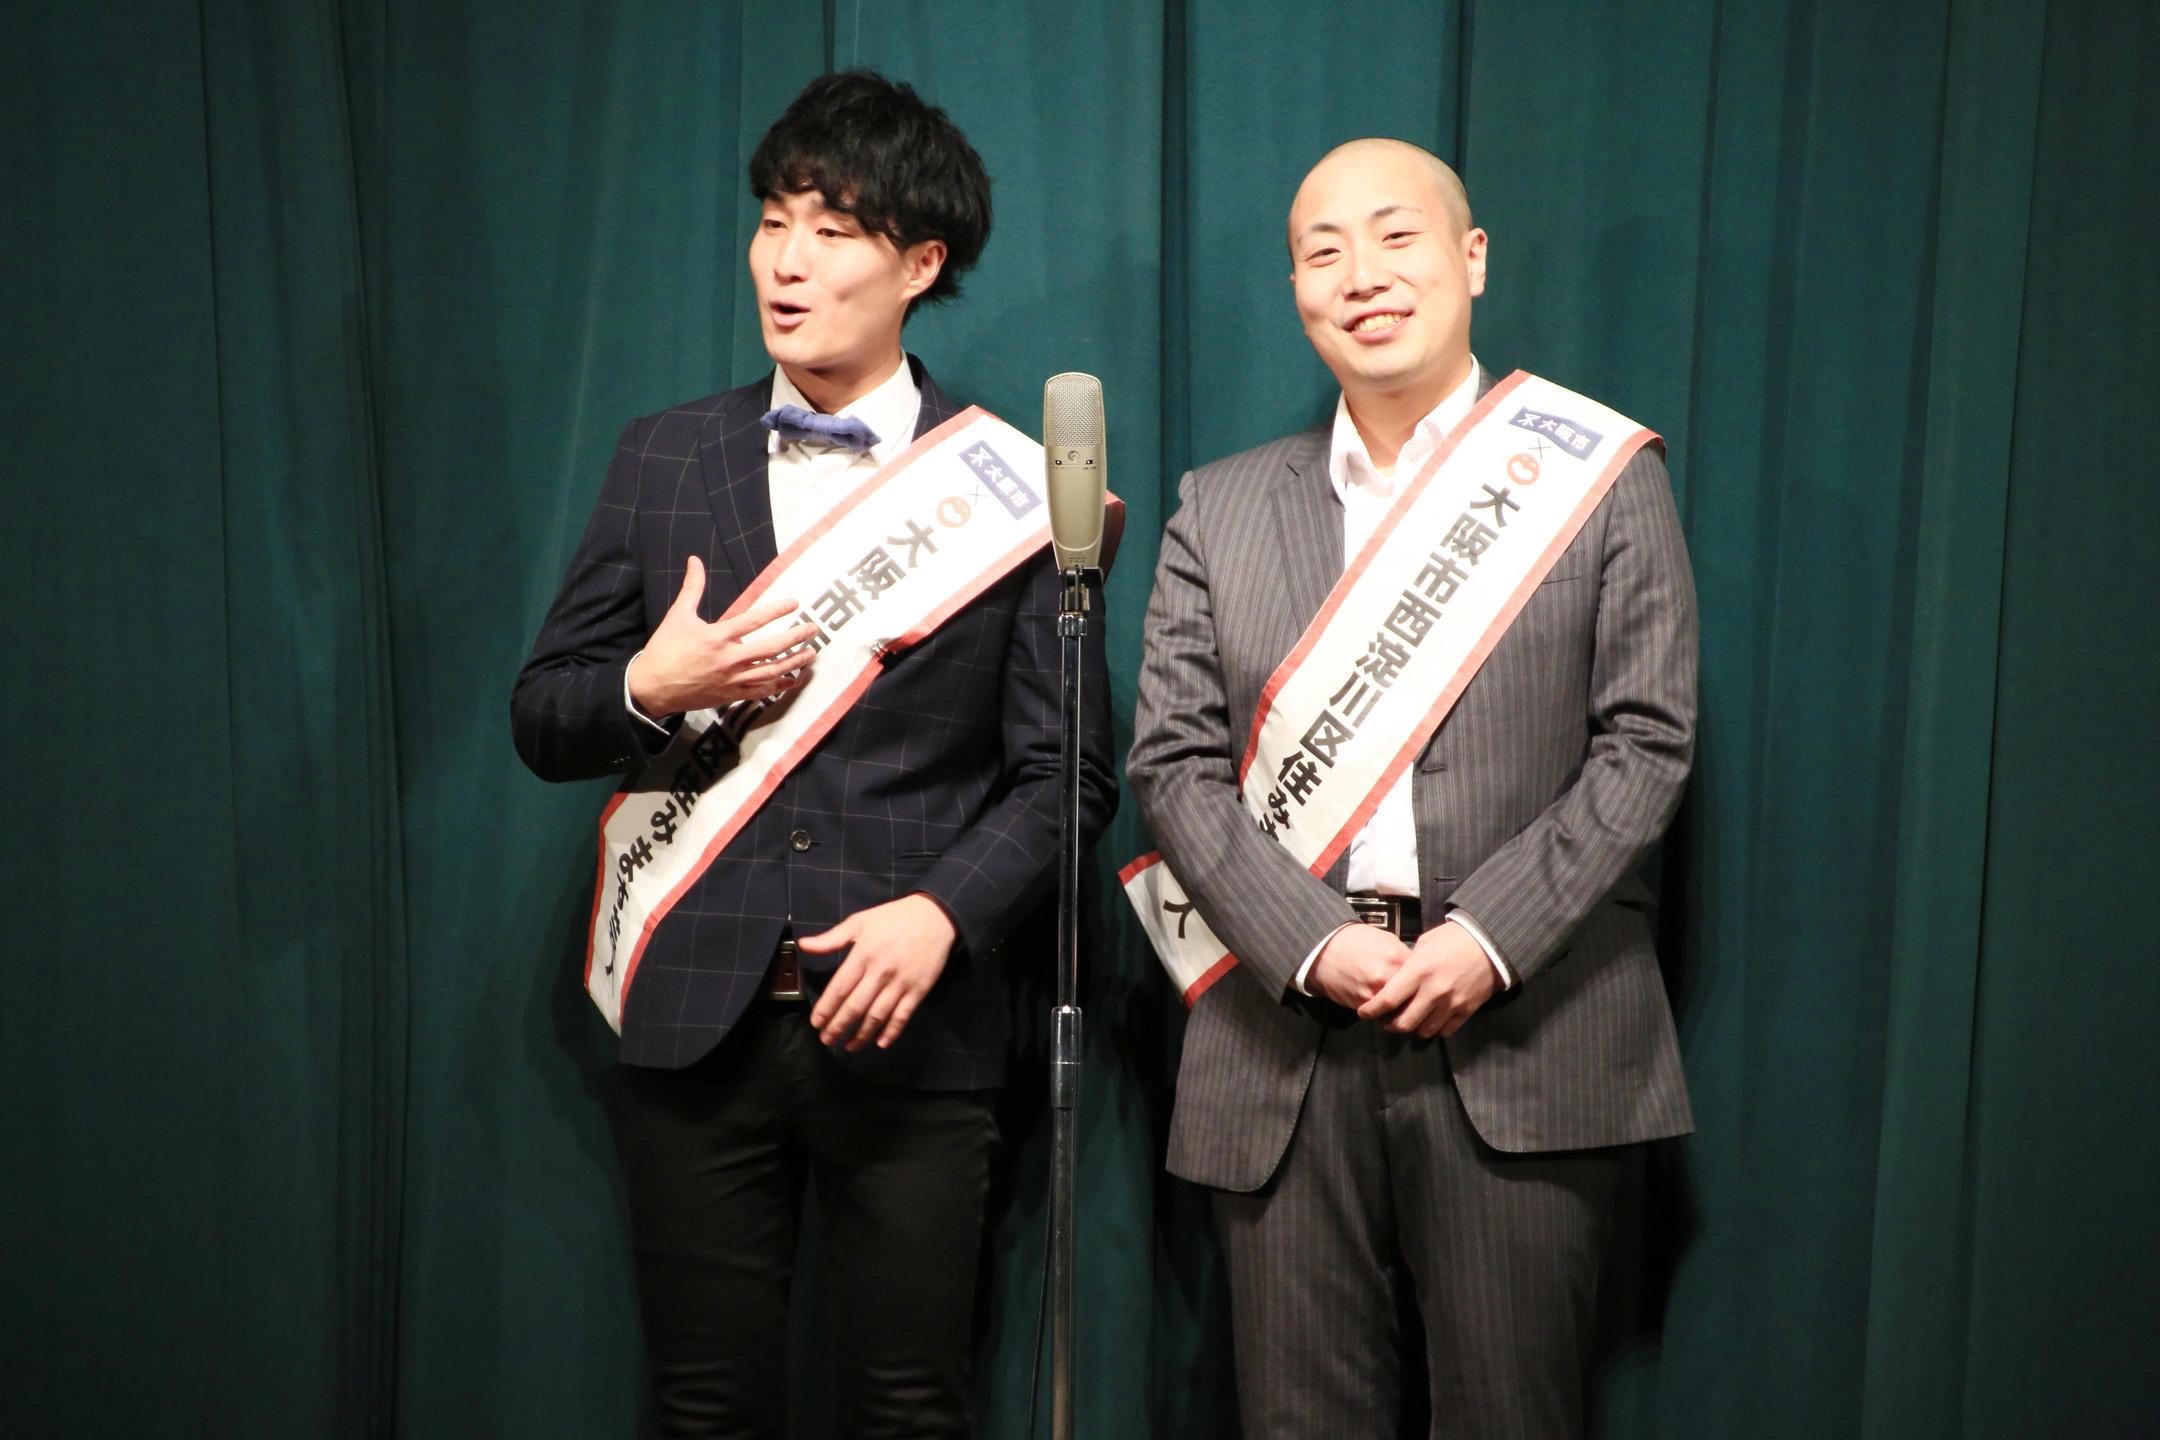 http://news.yoshimoto.co.jp/20190130181219-08c738698b476321943b1cabee89b57a58816aff.jpg